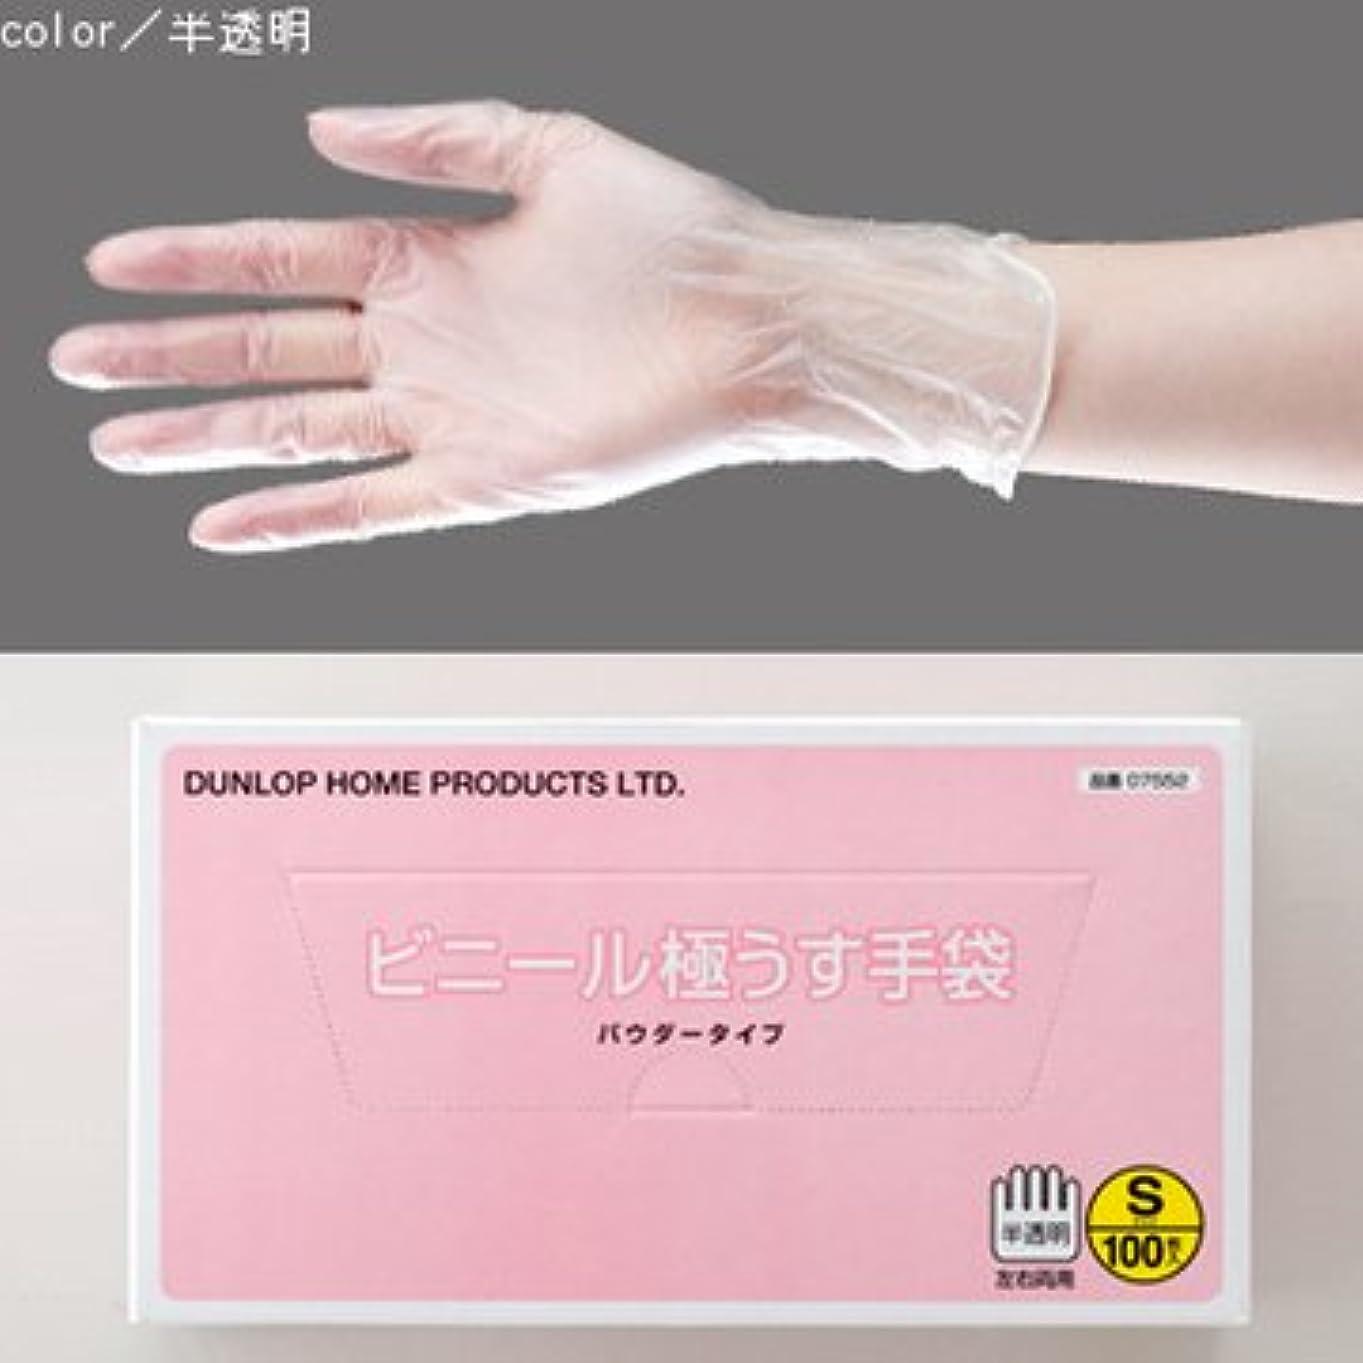 最も早いカップ膨らませるビニール極うす手袋 100枚入 (M)